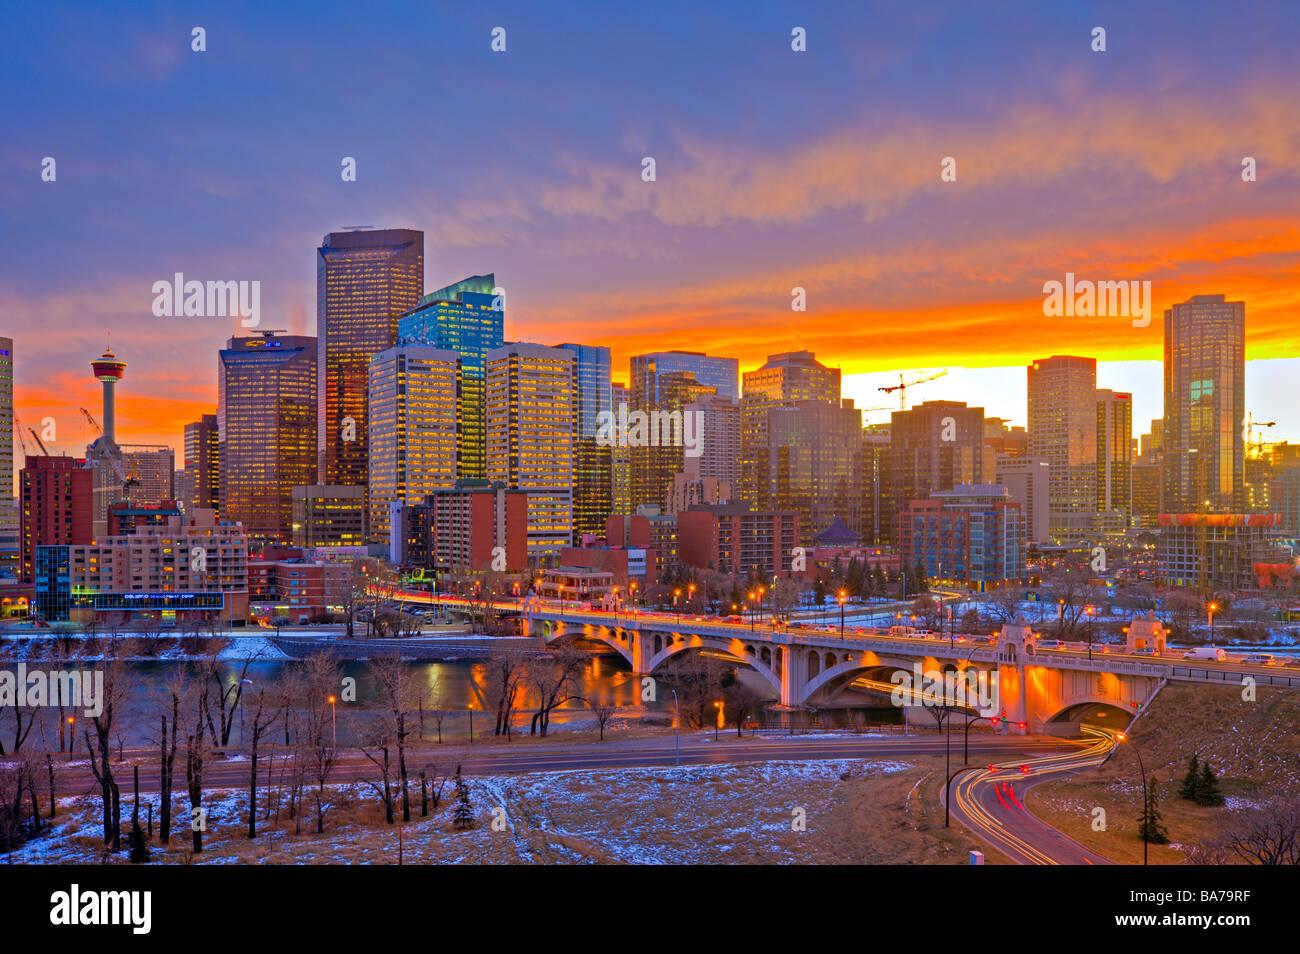 Calgary skyline di edifici alti la Calgary Tower e il centro strada ponte che attraversa il Fiume Bow al tramonto. Immagini Stock